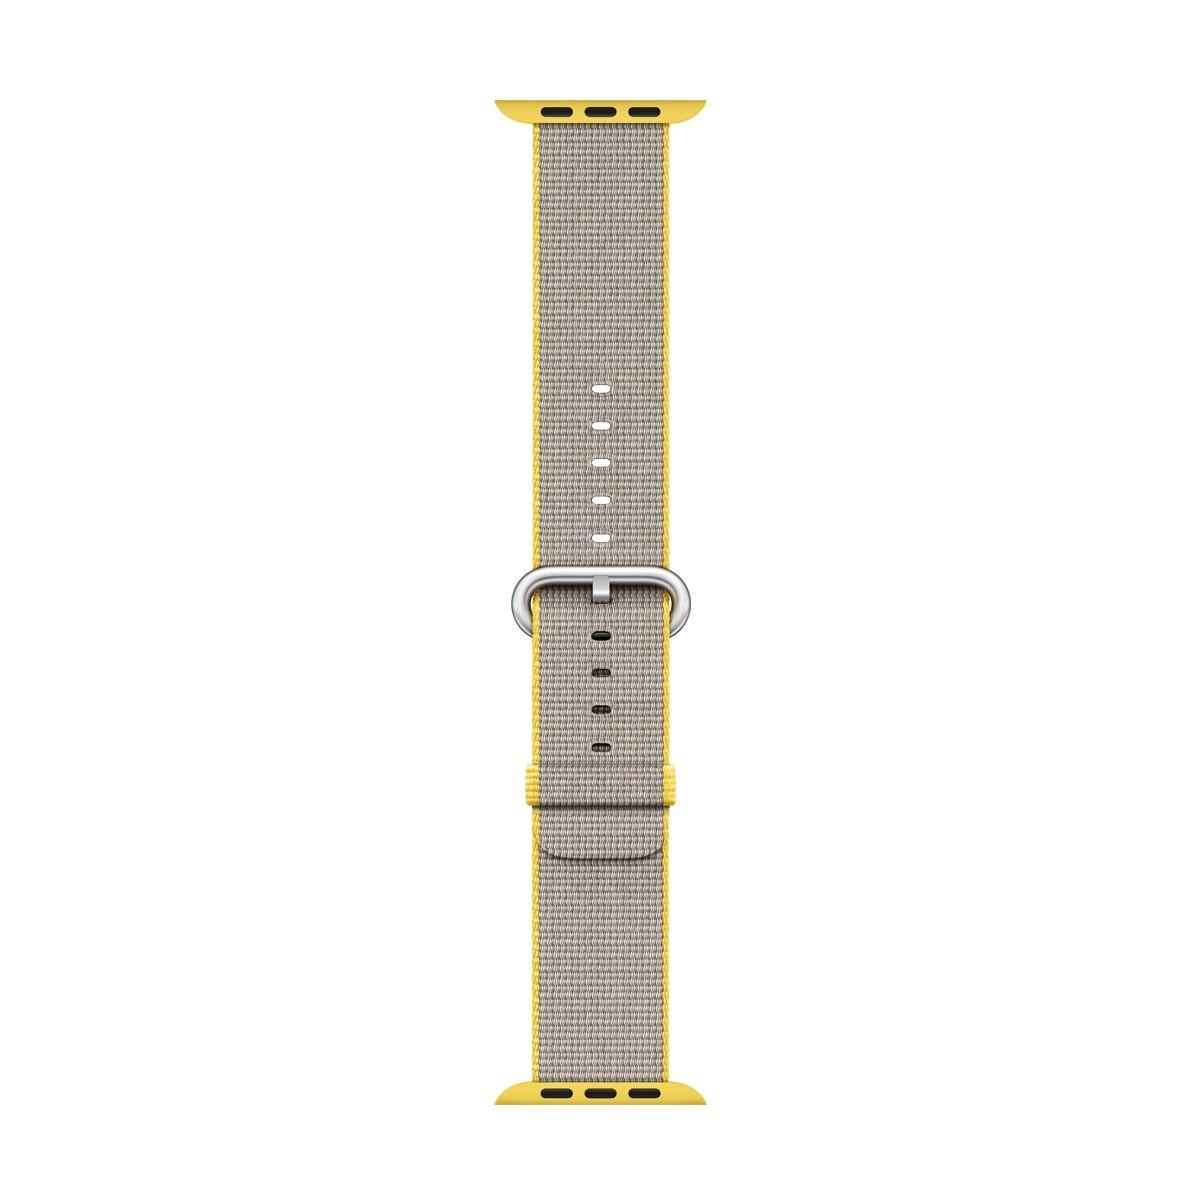 Apple - 42mm žlutý / světle šedý řemínek z tkaného nylonu